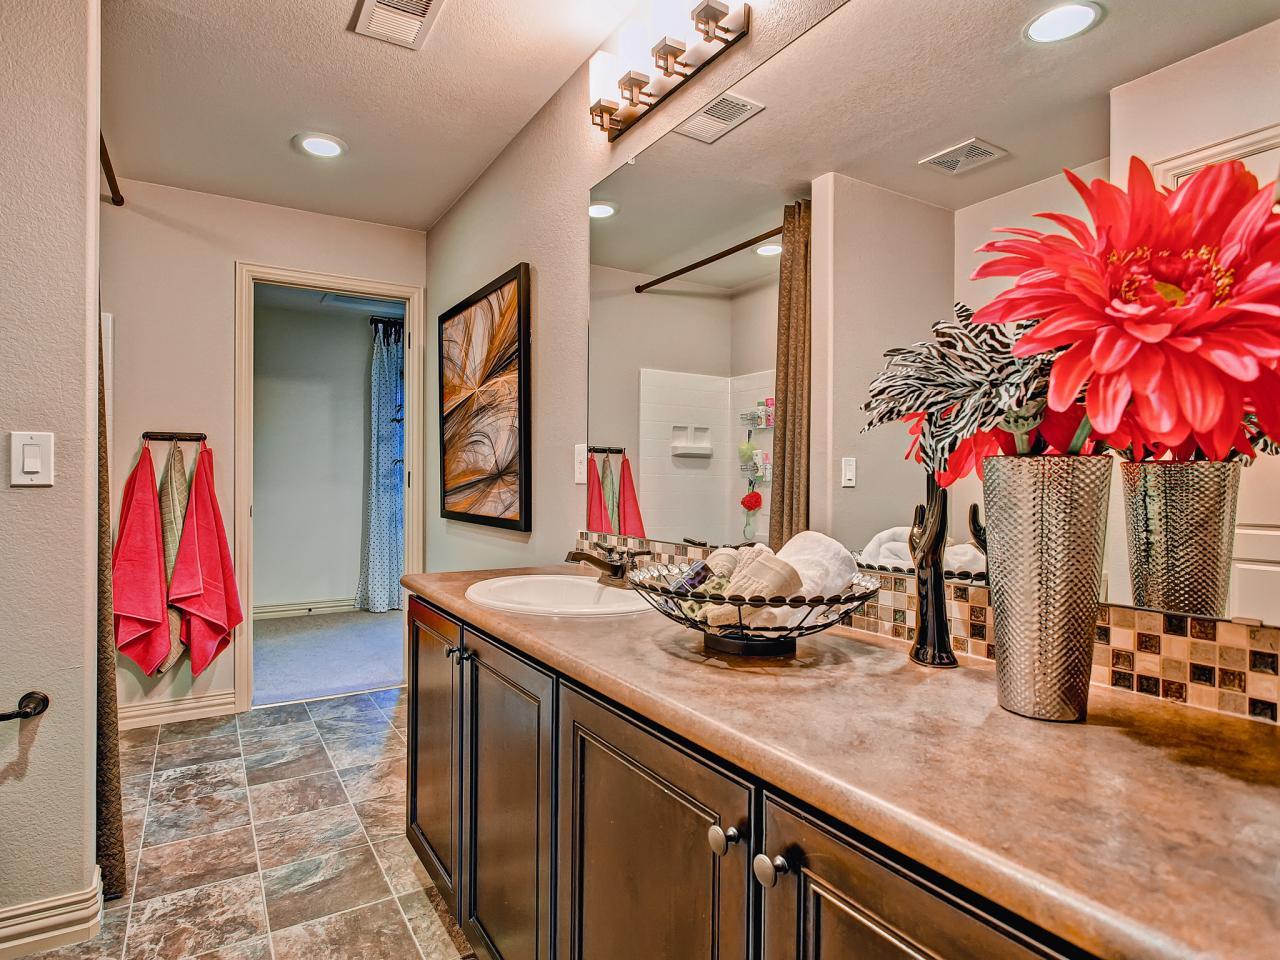 Formica Bathroom Countertops Bathroom Design Choose Floor Plan Bath